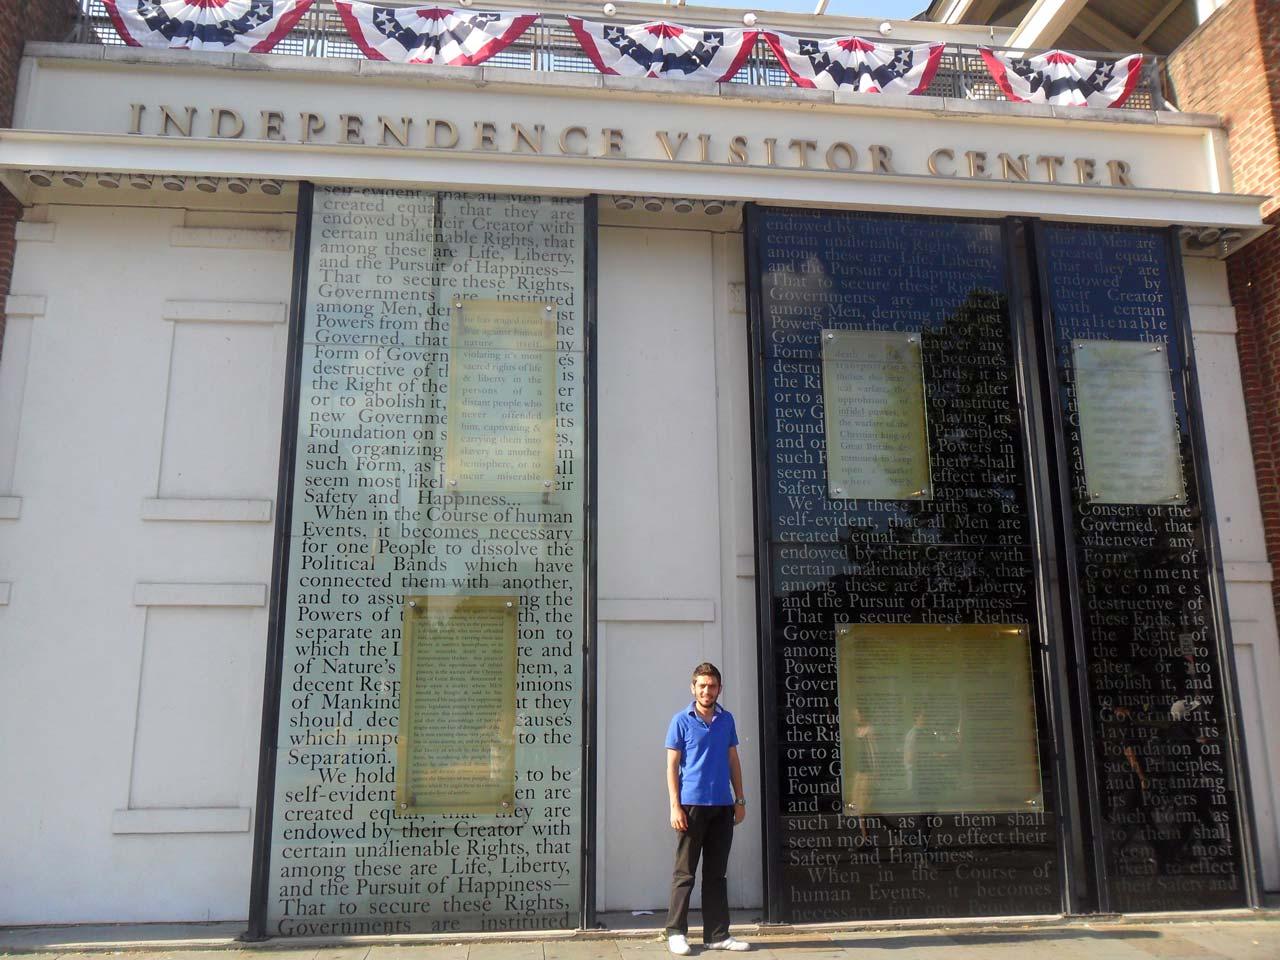 Bulunduğumuz yer Independence Hall.